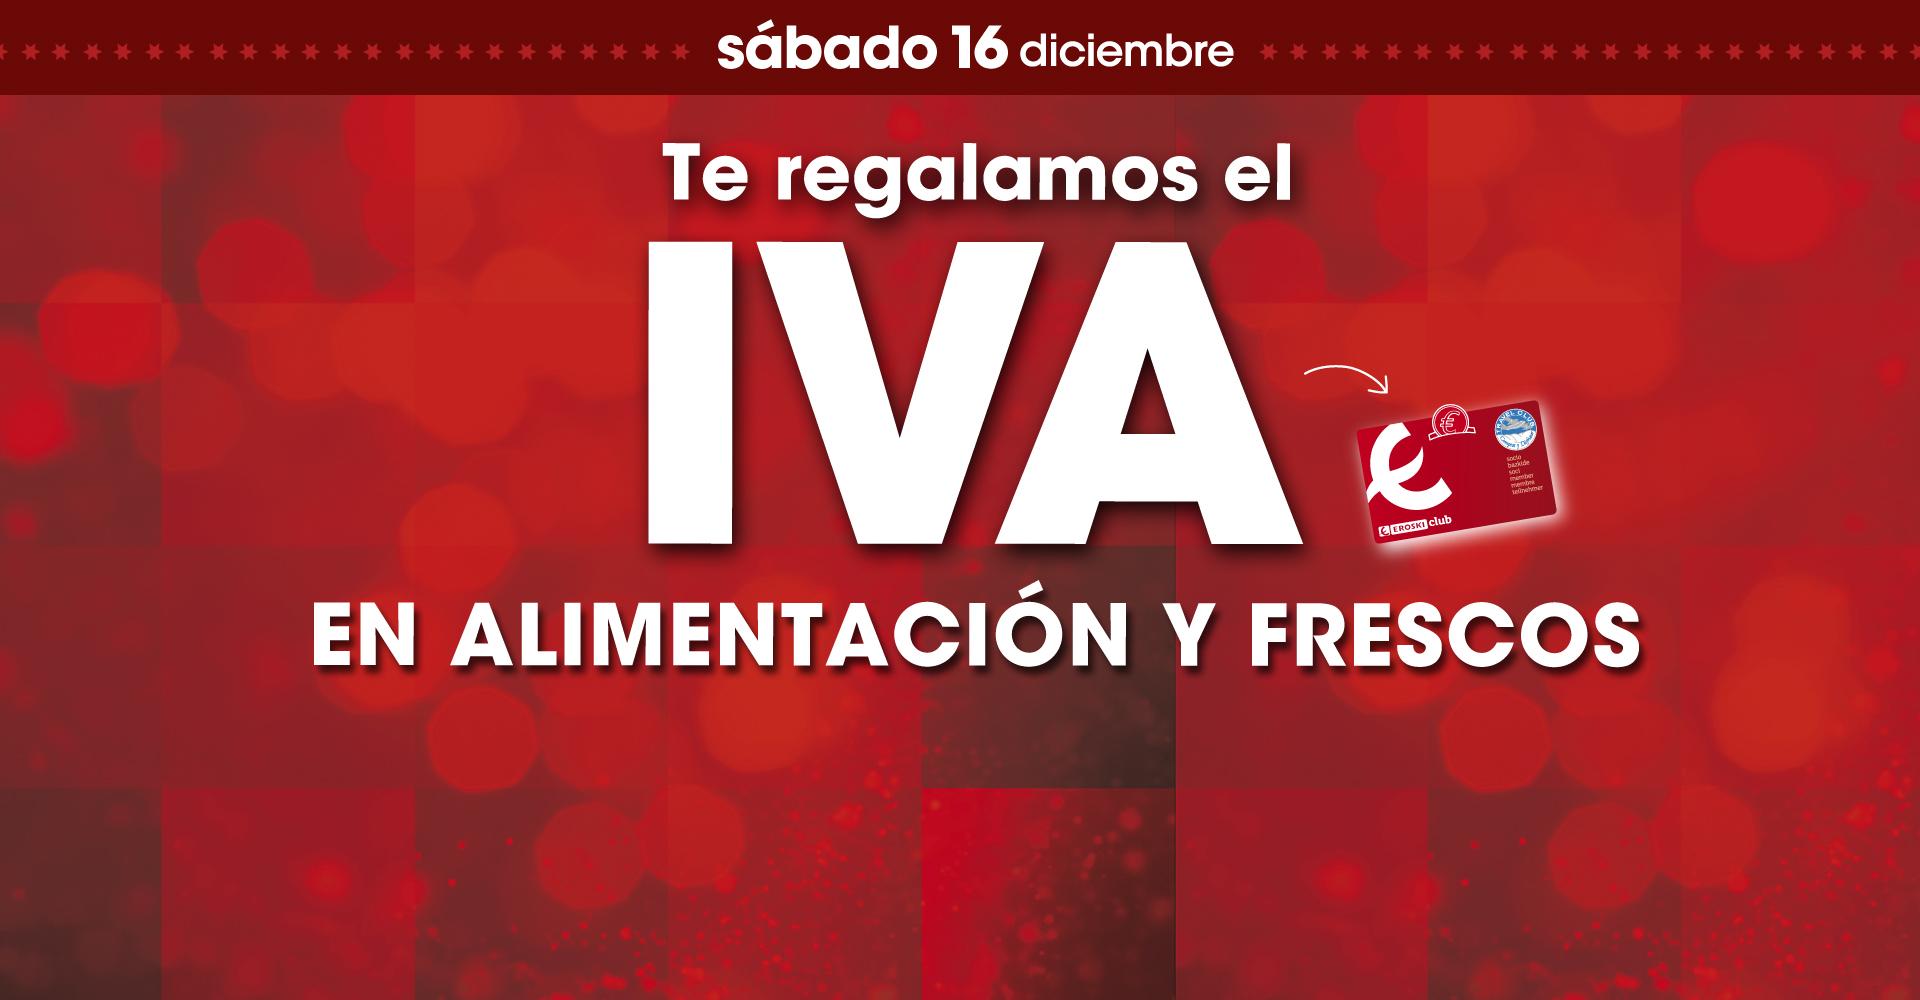 EROSKI: Sábado 16 diciembre (devuelven en importe del iva en Alimentación y Frescos)